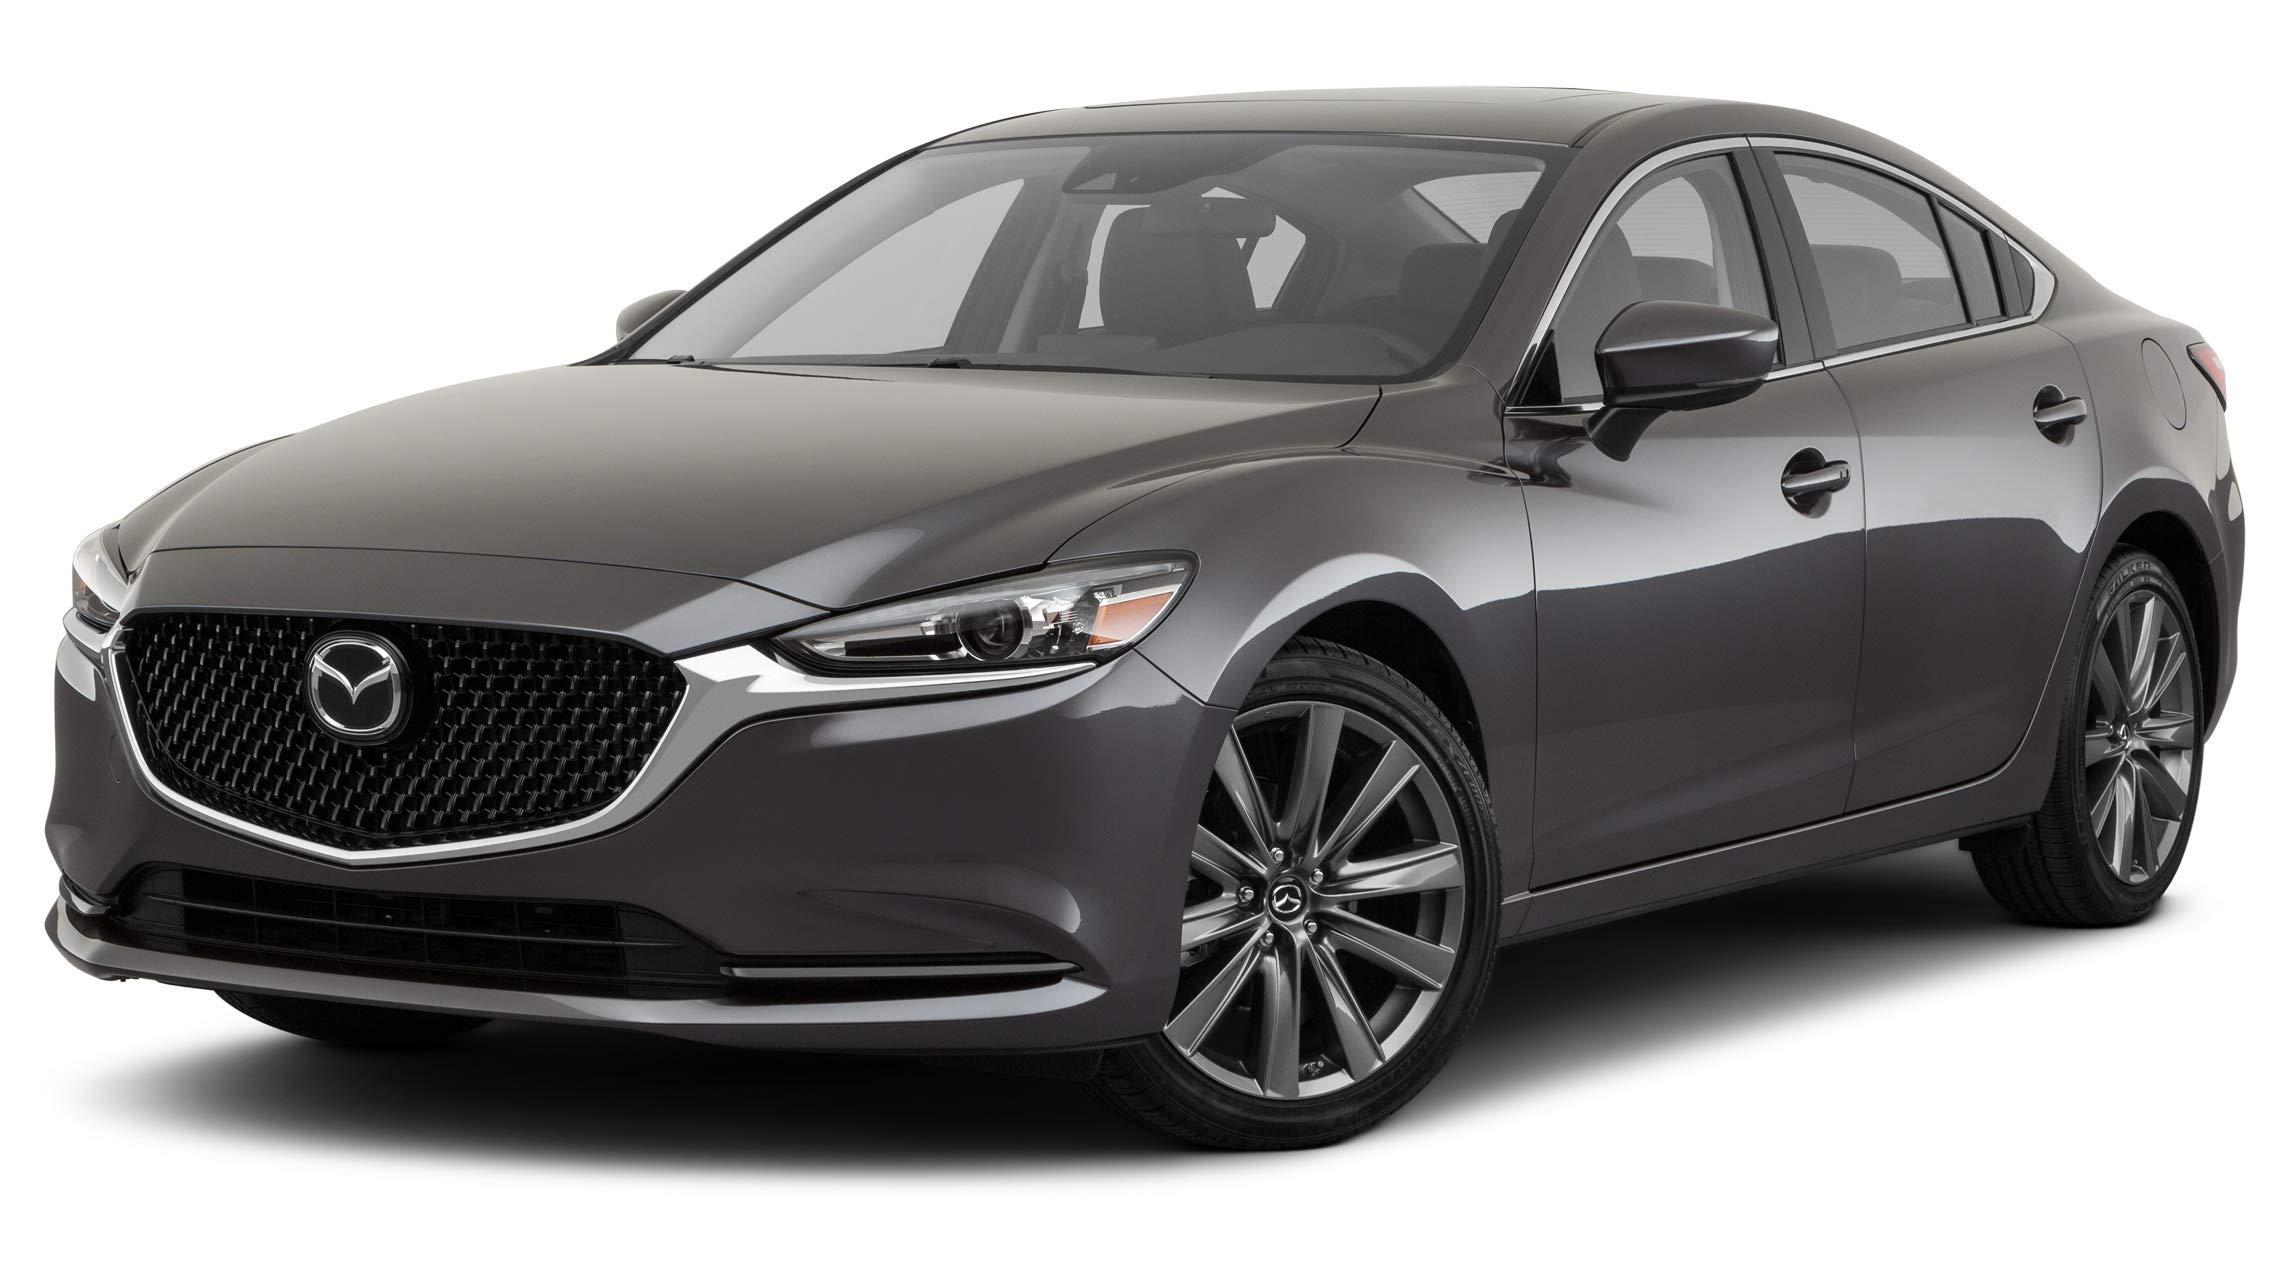 Amazon.com: 2021 Mazda 6 Carbon Edition reseñas, imágenes y especificaciones: Vehículos